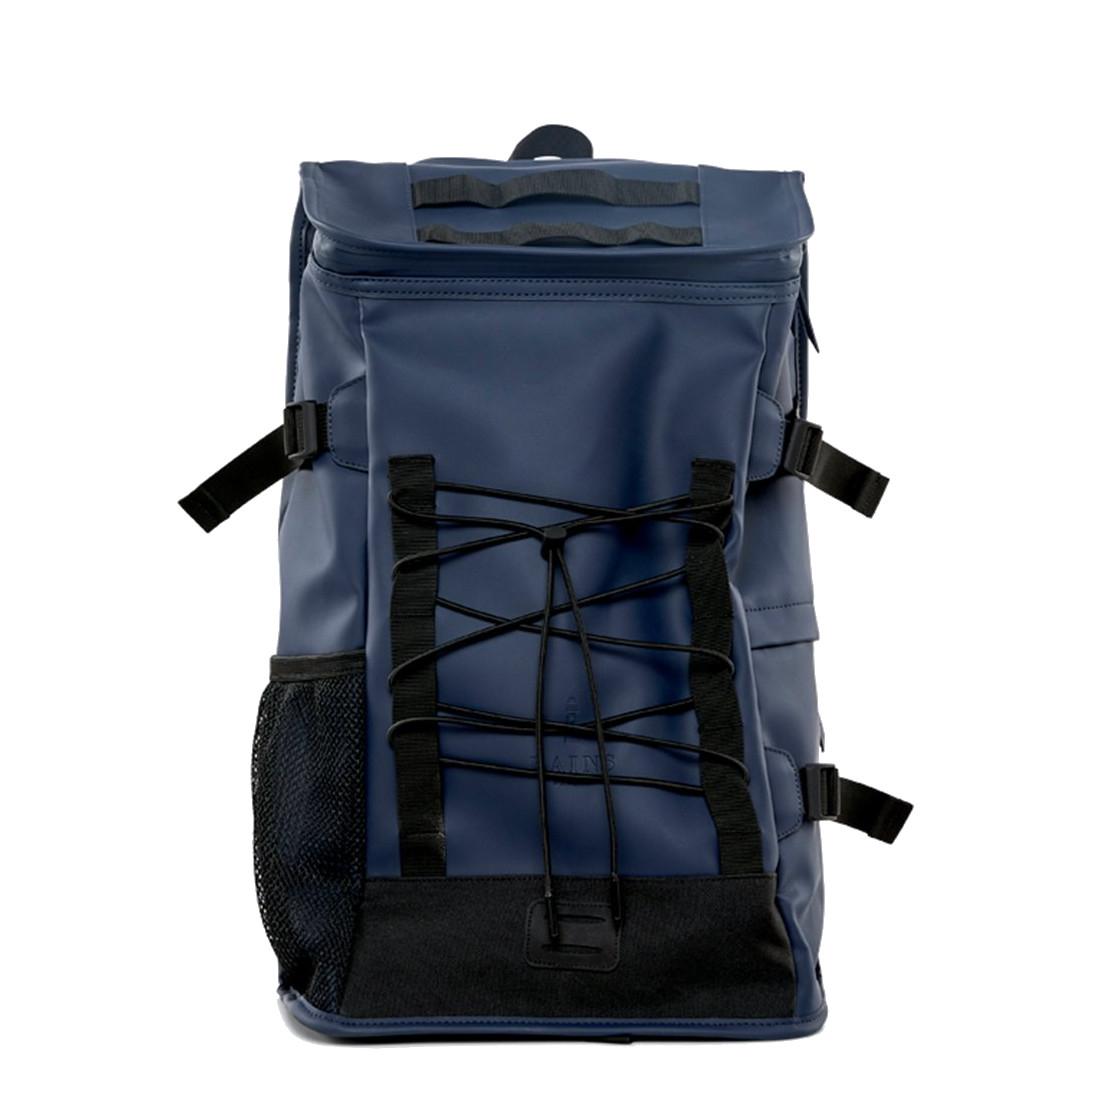 Afbeelding van Rains Original Mountaineer Bag Backpack Blue Casual Rugtassen